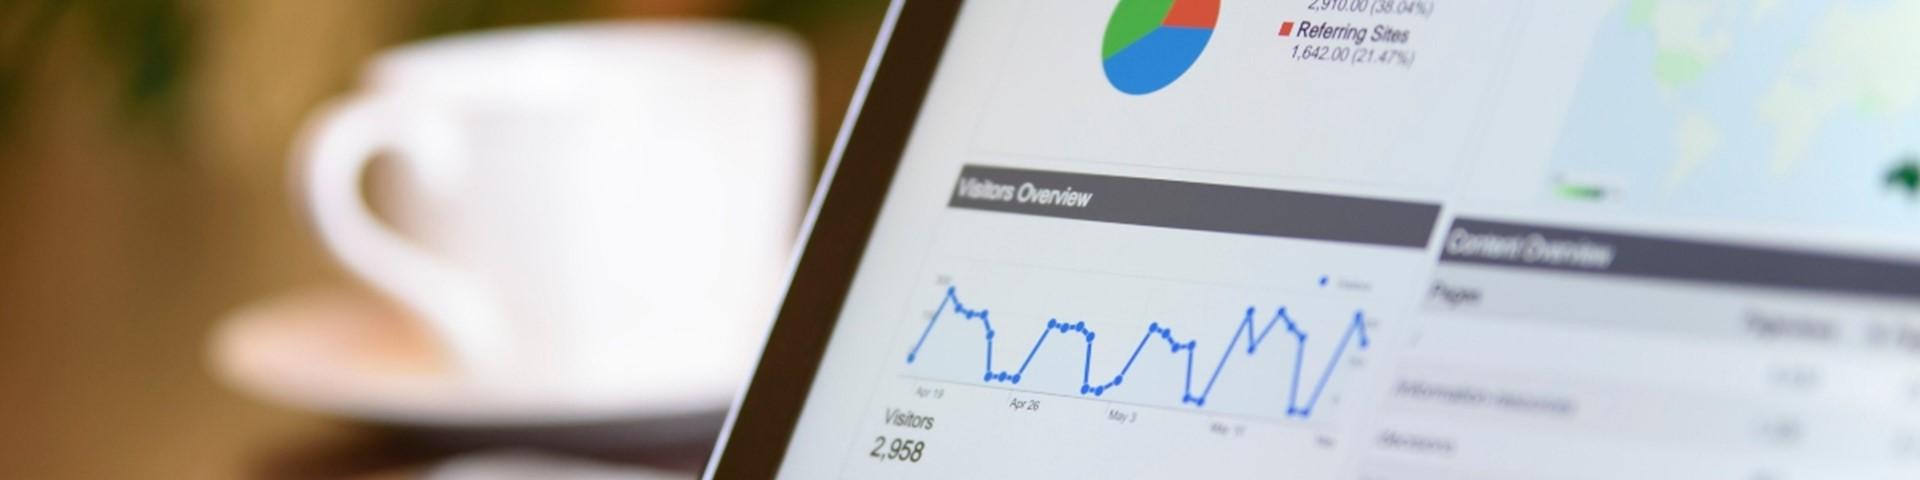 Como estabelecer métricas inteligentes de marketing de conteúdo